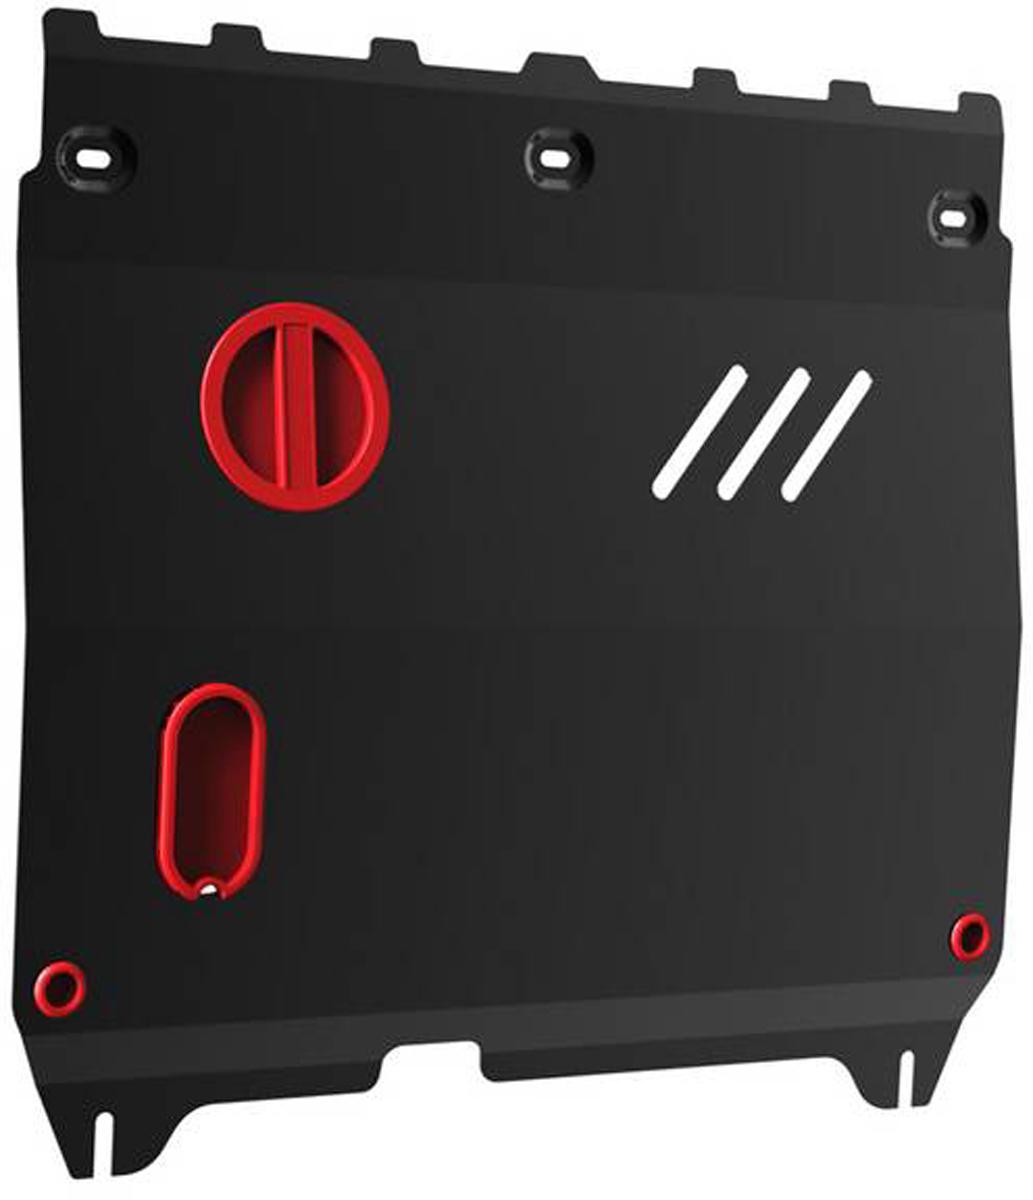 Защита картера и КПП Автоброня Chevrolet Spark 2010-2016/Ravon R2 2016-, сталь 2 мм111.01018.1Защита картера и КПП Автоброня для Chevrolet Spark АКПП, V - 1,0 2010-2016/Ravon R2, V - 1,2i 2016-, сталь 2 мм, комплект крепежа, 111.01018.1Стальные защиты Автоброня надежно защищают ваш автомобиль от повреждений при наезде на бордюры, выступающие канализационные люки, кромки поврежденного асфальта или при ремонте дорог, не говоря уже о загородных дорогах. - Имеют оптимальное соотношение цена-качество. - Спроектированы с учетом особенностей автомобиля, что делает установку удобной. - Защита устанавливается в штатные места кузова автомобиля. - Является надежной защитой для важных элементов на протяжении долгих лет. - Глубокий штамп дополнительно усиливает конструкцию защиты. - Подштамповка в местах крепления защищает крепеж от срезания. - Технологические отверстия там, где они необходимы для смены масла и слива воды, оборудованные заглушками, закрепленными на защите. Толщина стали 2 мм. В комплекте крепеж и инструкция по установке.Уважаемые клиенты! Обращаем ваше внимание на тот факт, что защита имеет форму, соответствующую модели данного автомобиля. Наличие глубокого штампа и лючков для смены фильтров/масла предусмотрено не на всех защитах. Фото служит для визуального восприятия товара.